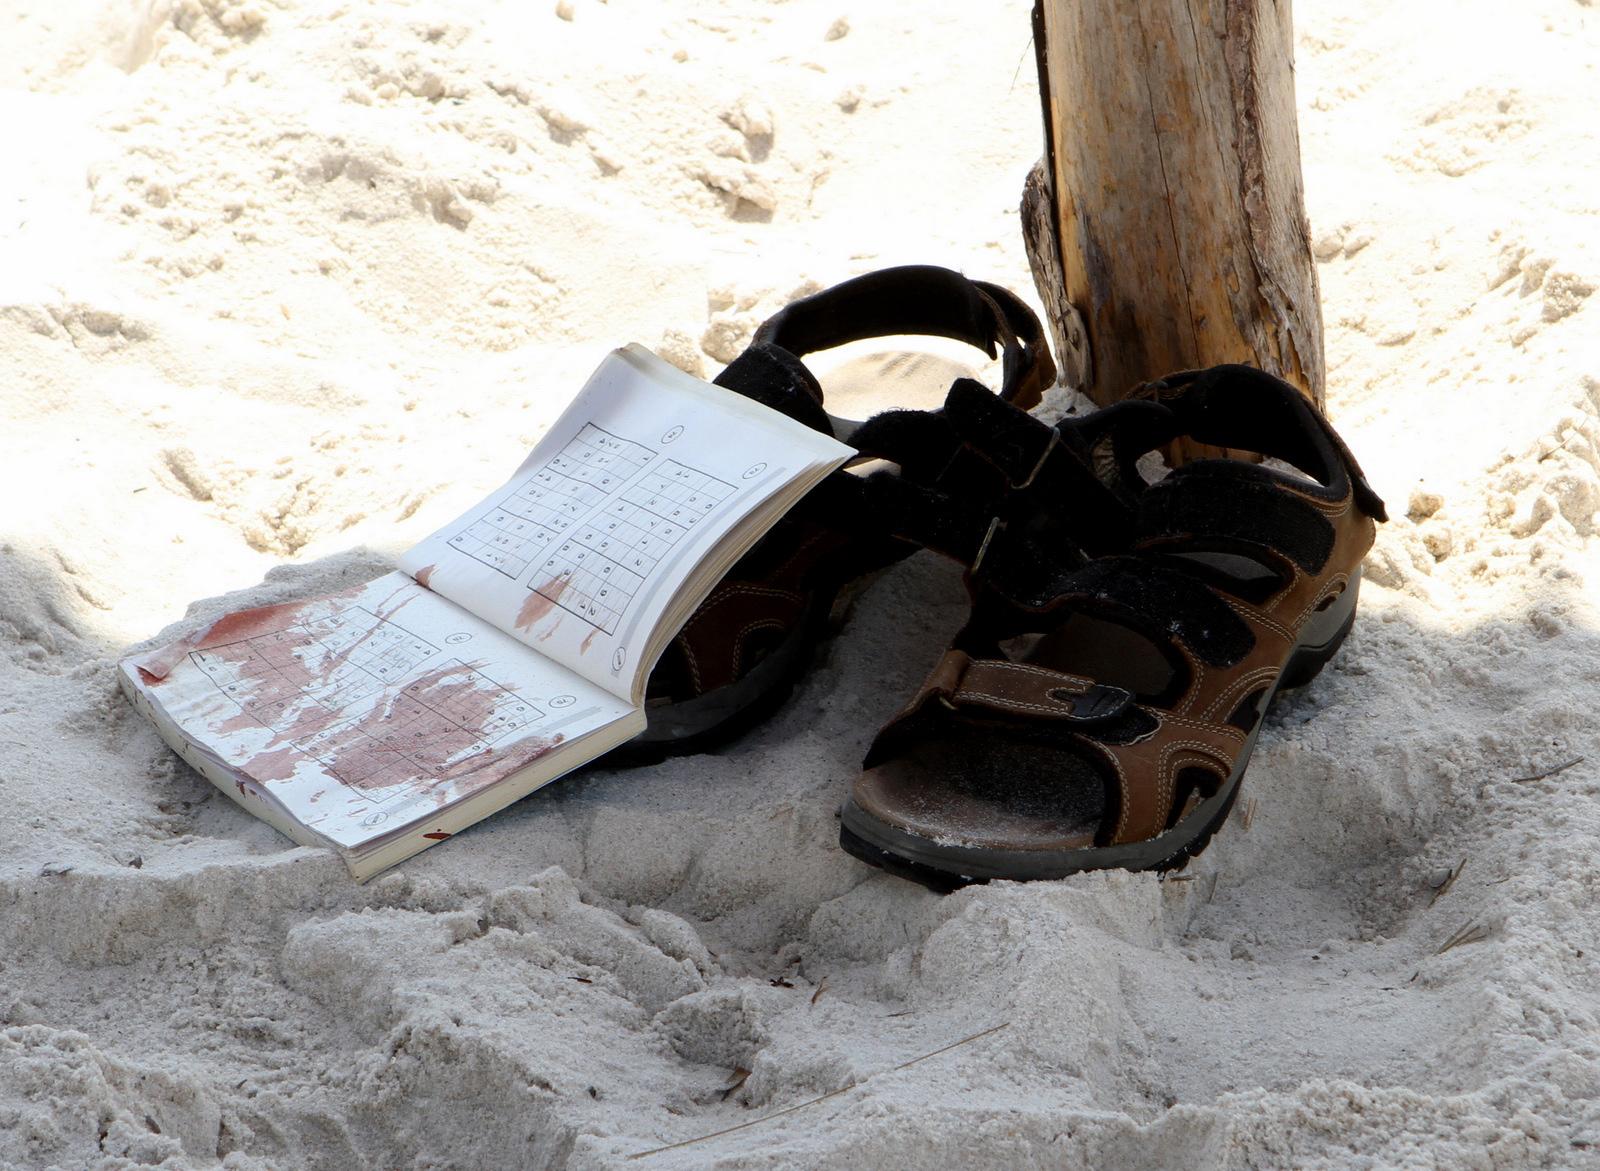 كتاب تلطخ بالدم في ساحة فندق سوسة الذي شهد هجوما إرهابيا اليوم